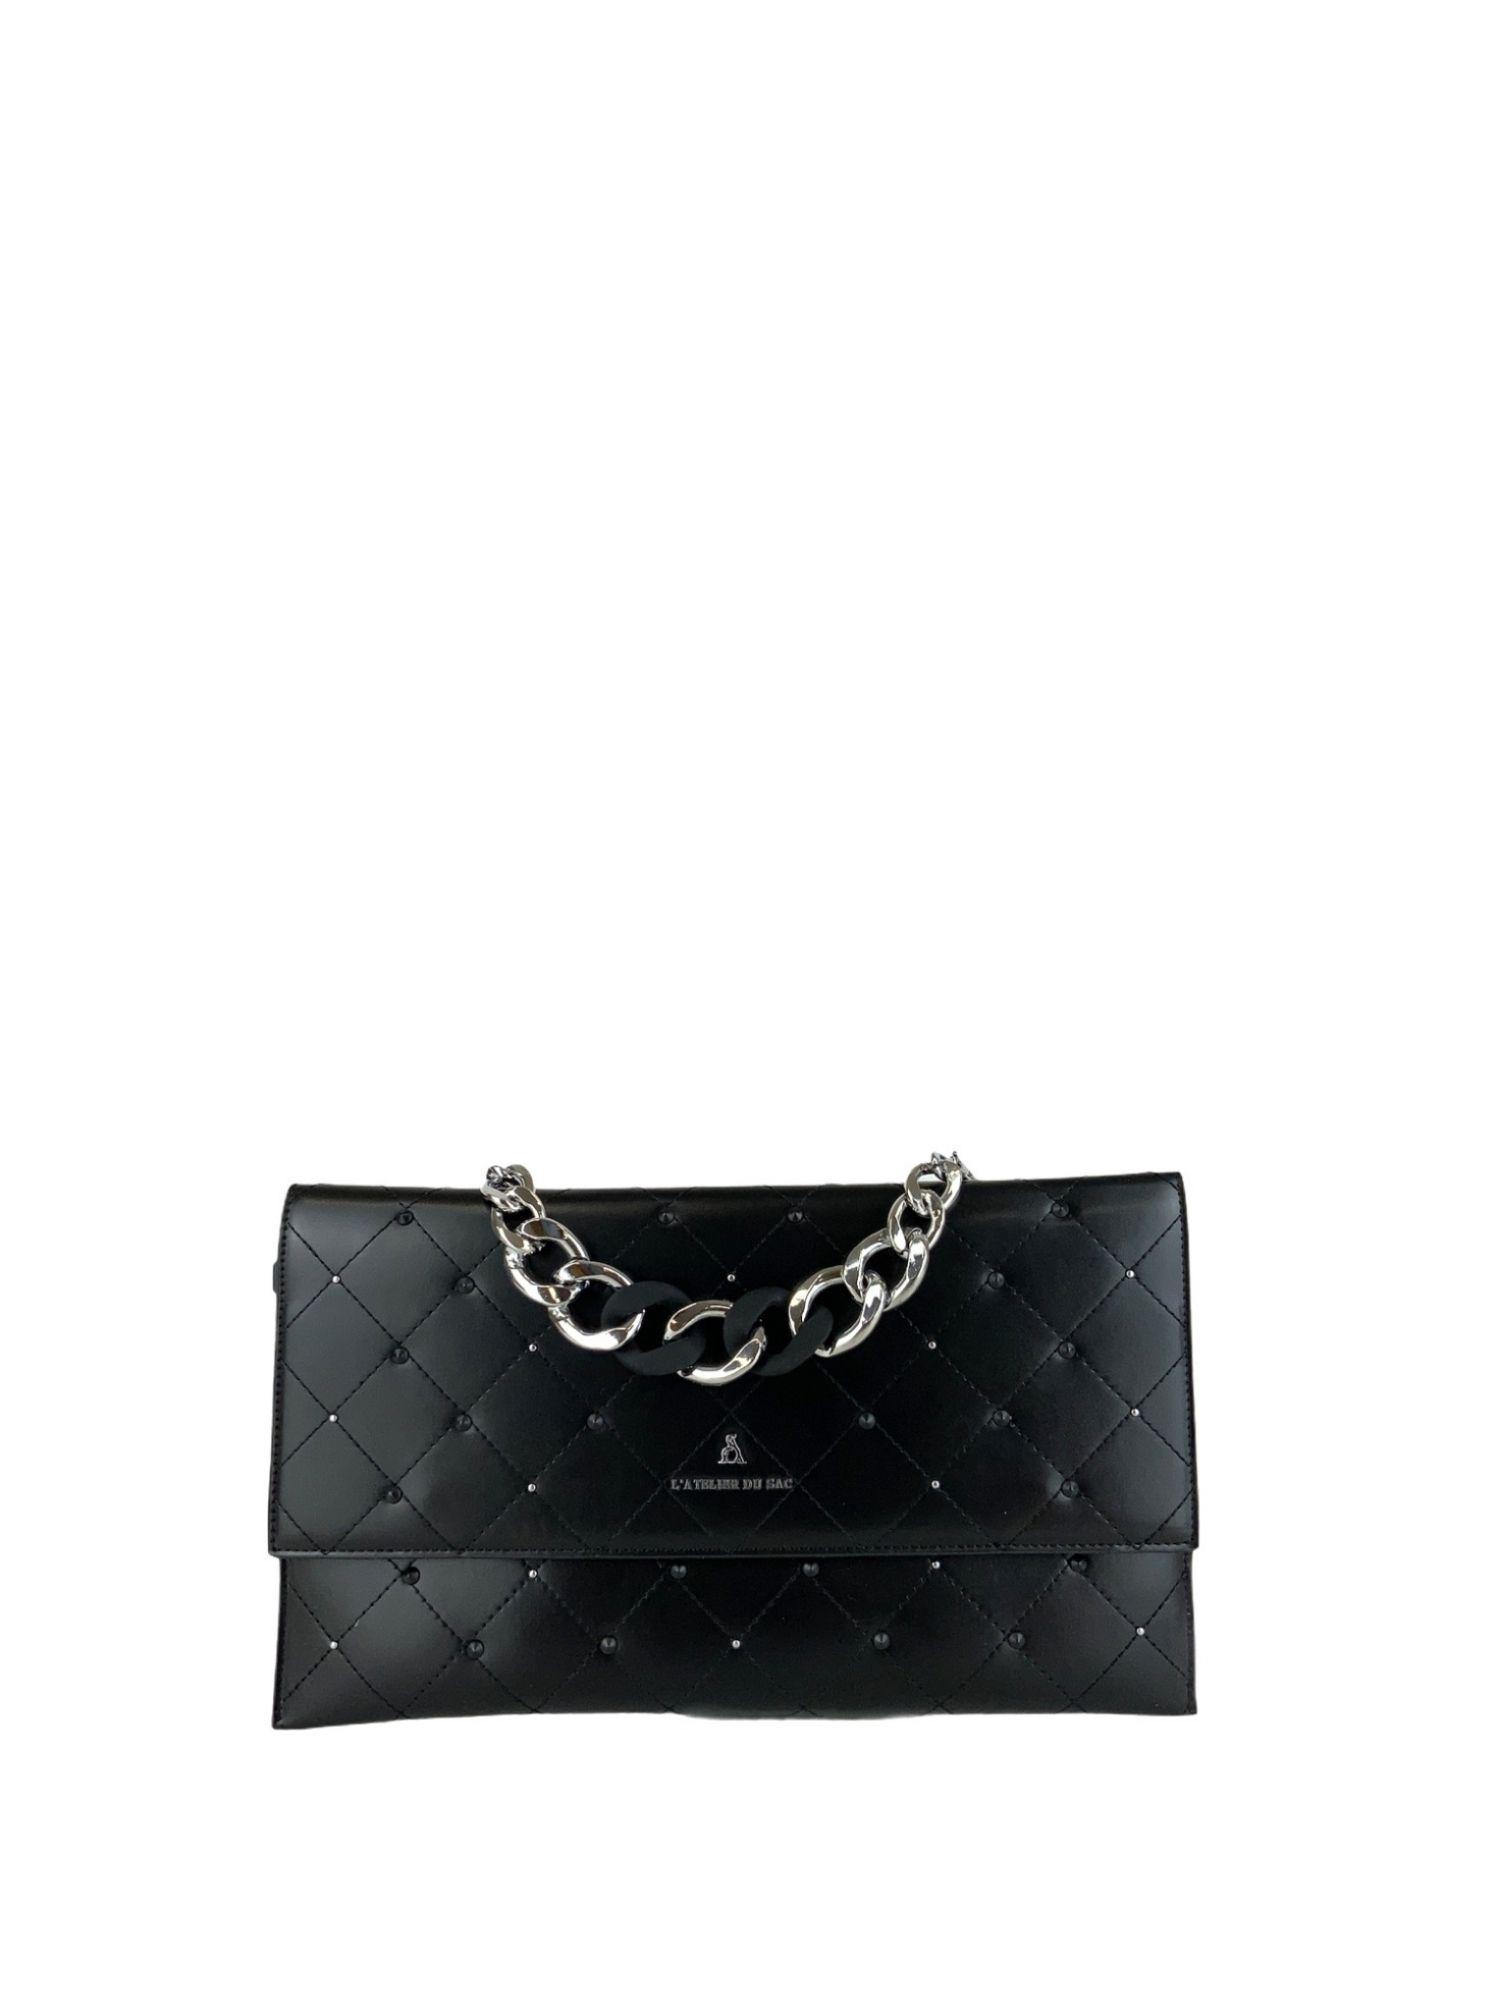 Borsa Atelier Du Sac Pash Bag 10957 Nero 3